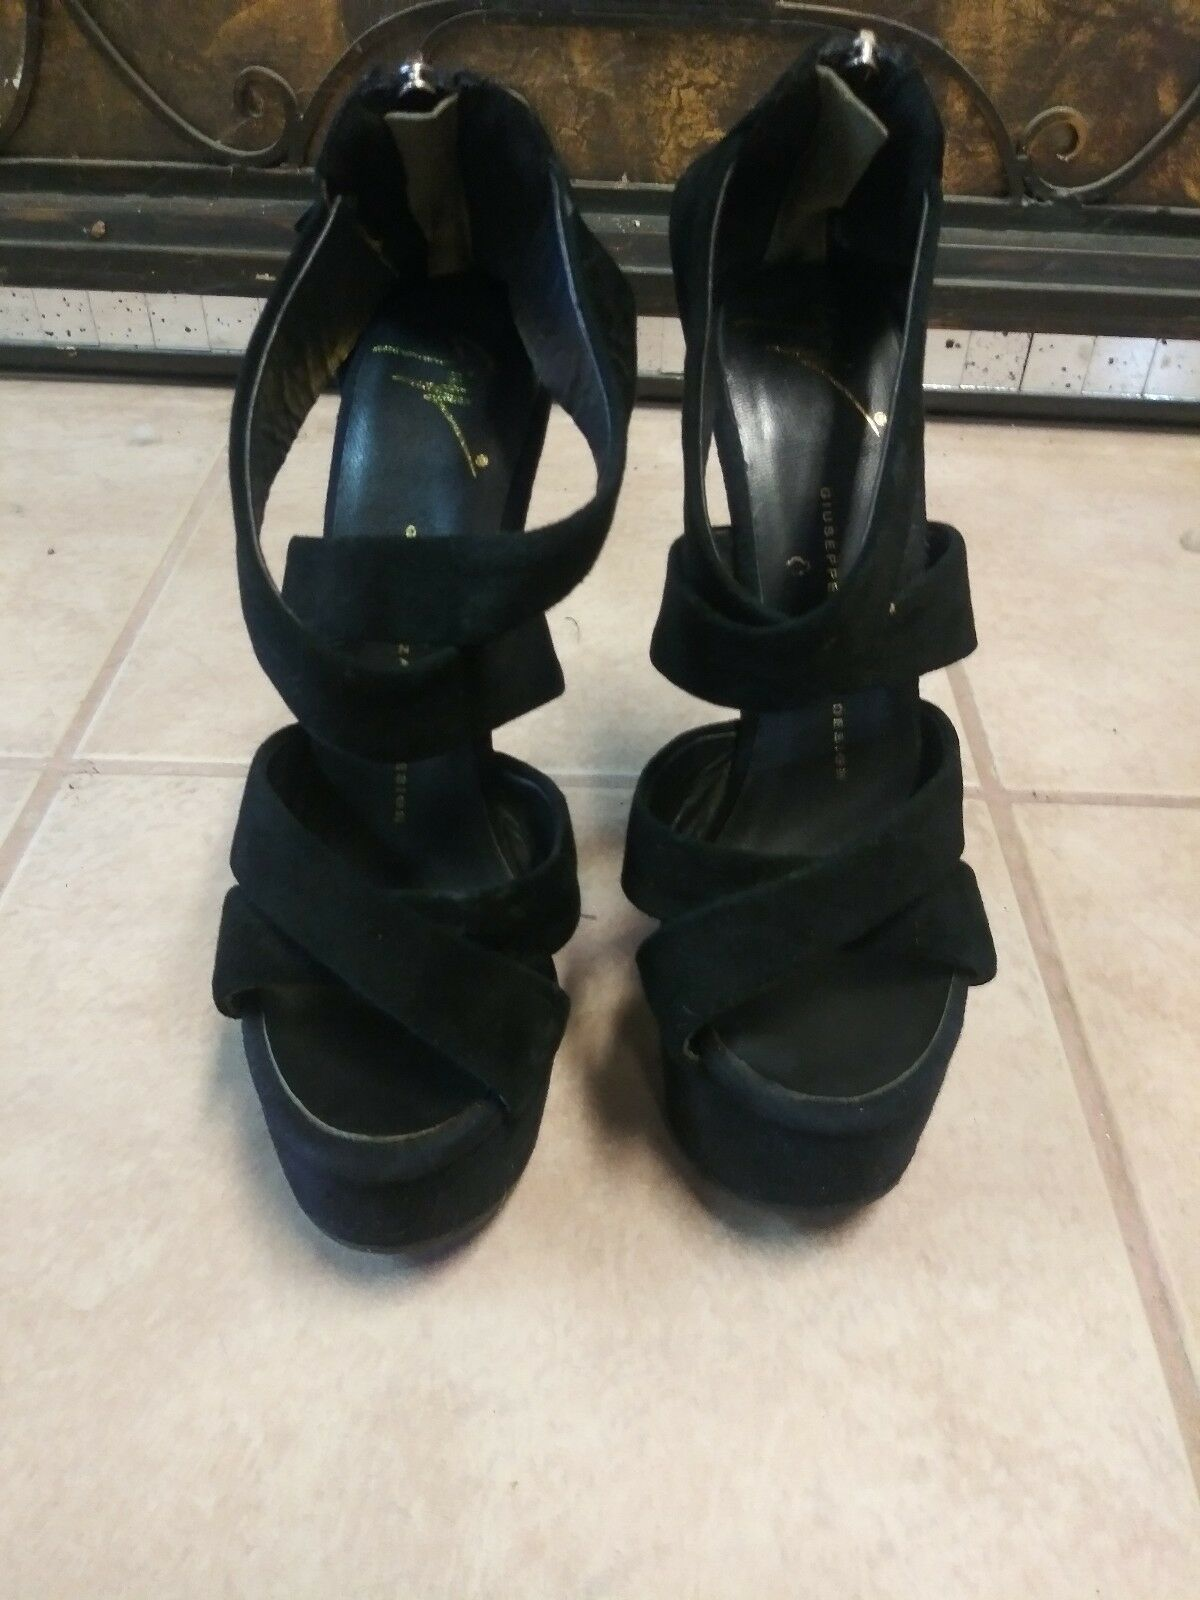 negozio online Guissepe Zanotti Dimensione 37 37 37 scarpe  grandi offerte